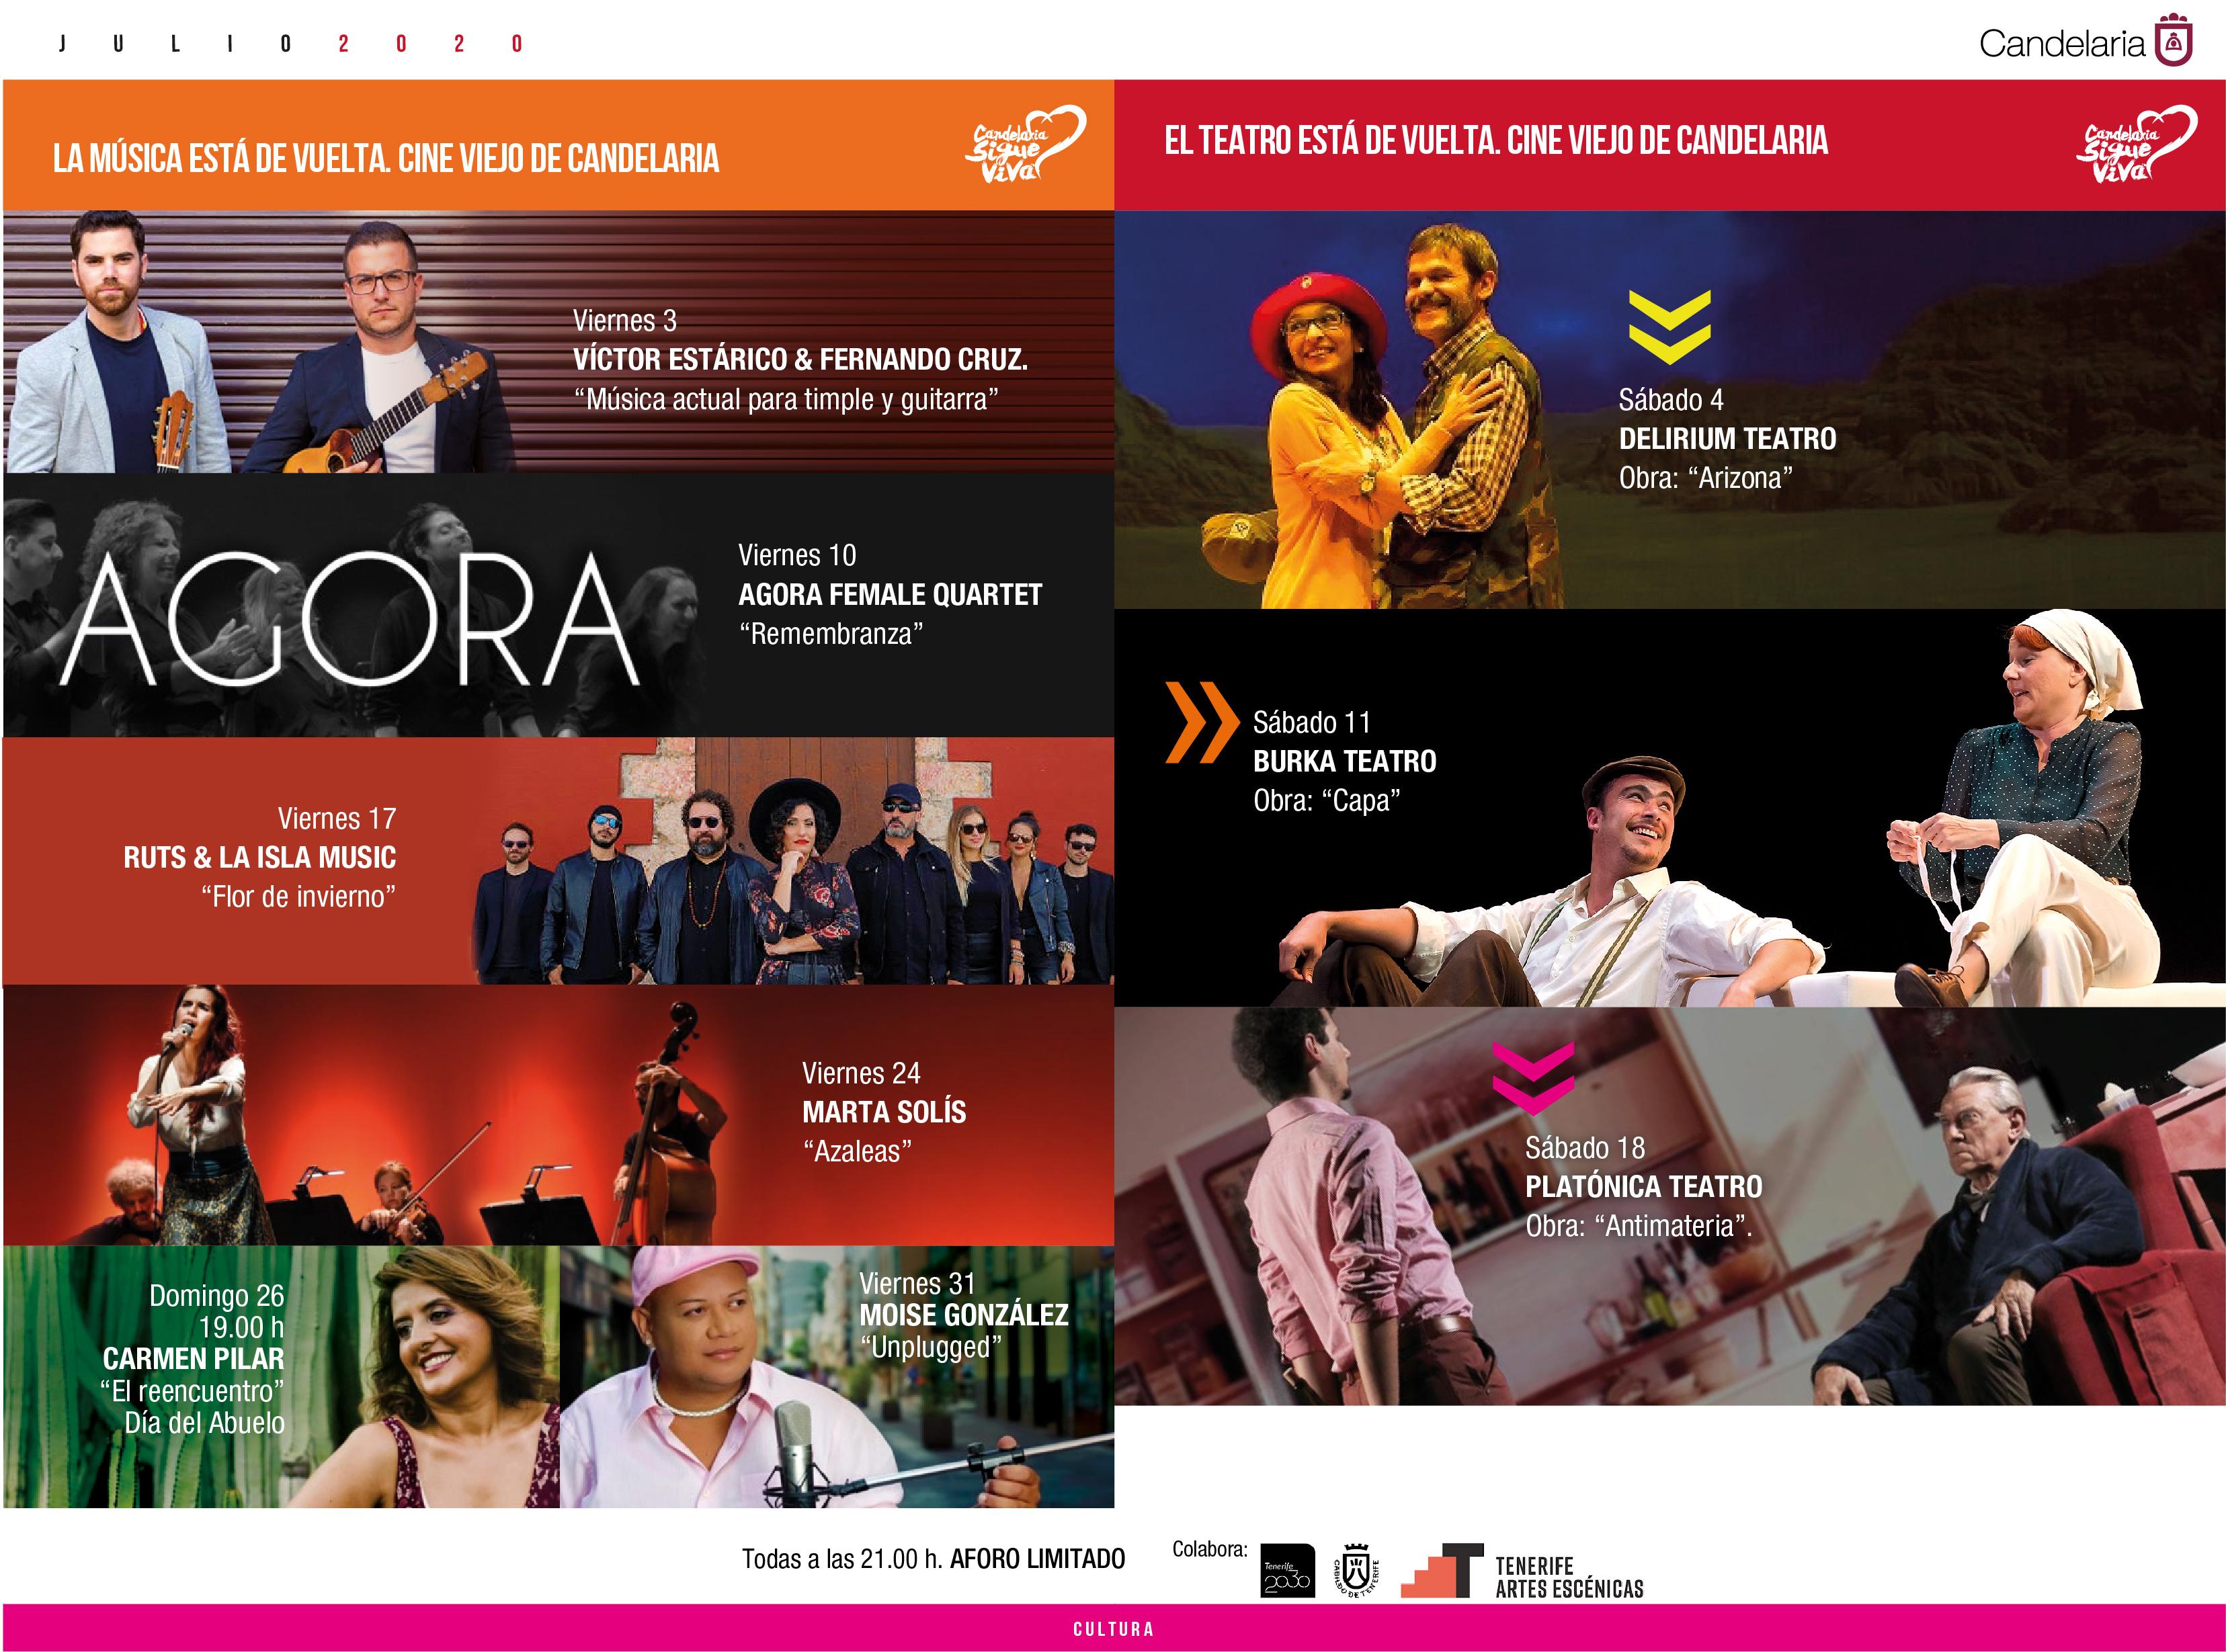 El Cine Viejo de Candelaria reabre sus puertas con una programación de teatro y música